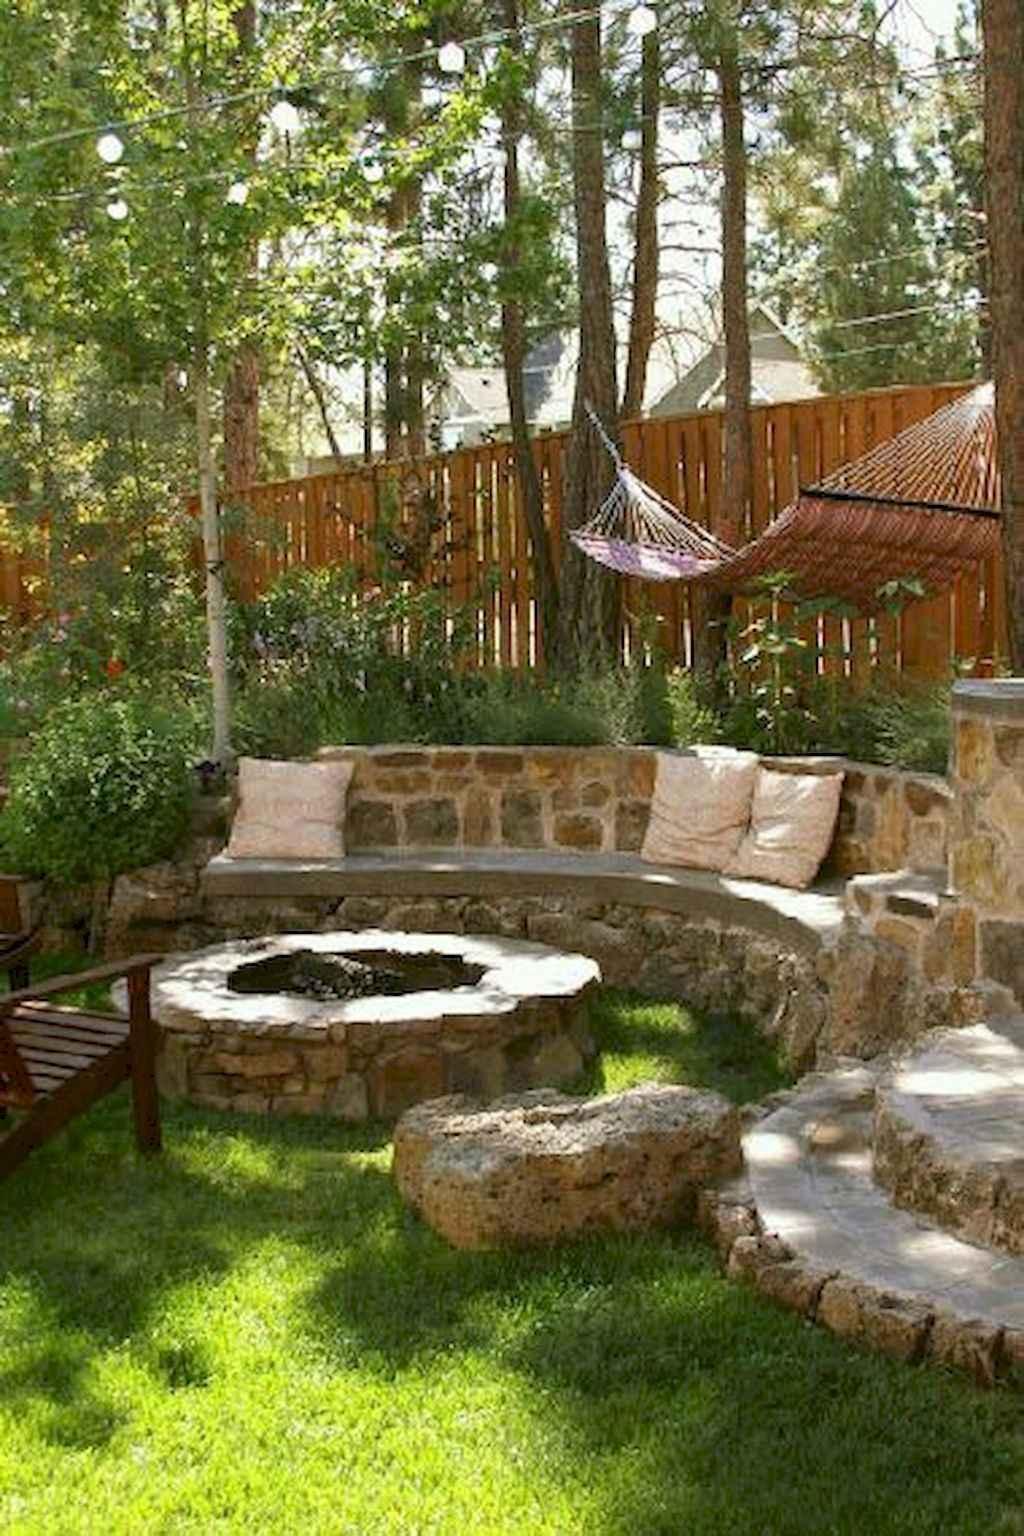 40 small backyard garden landscaping ideas - HomeSpecially